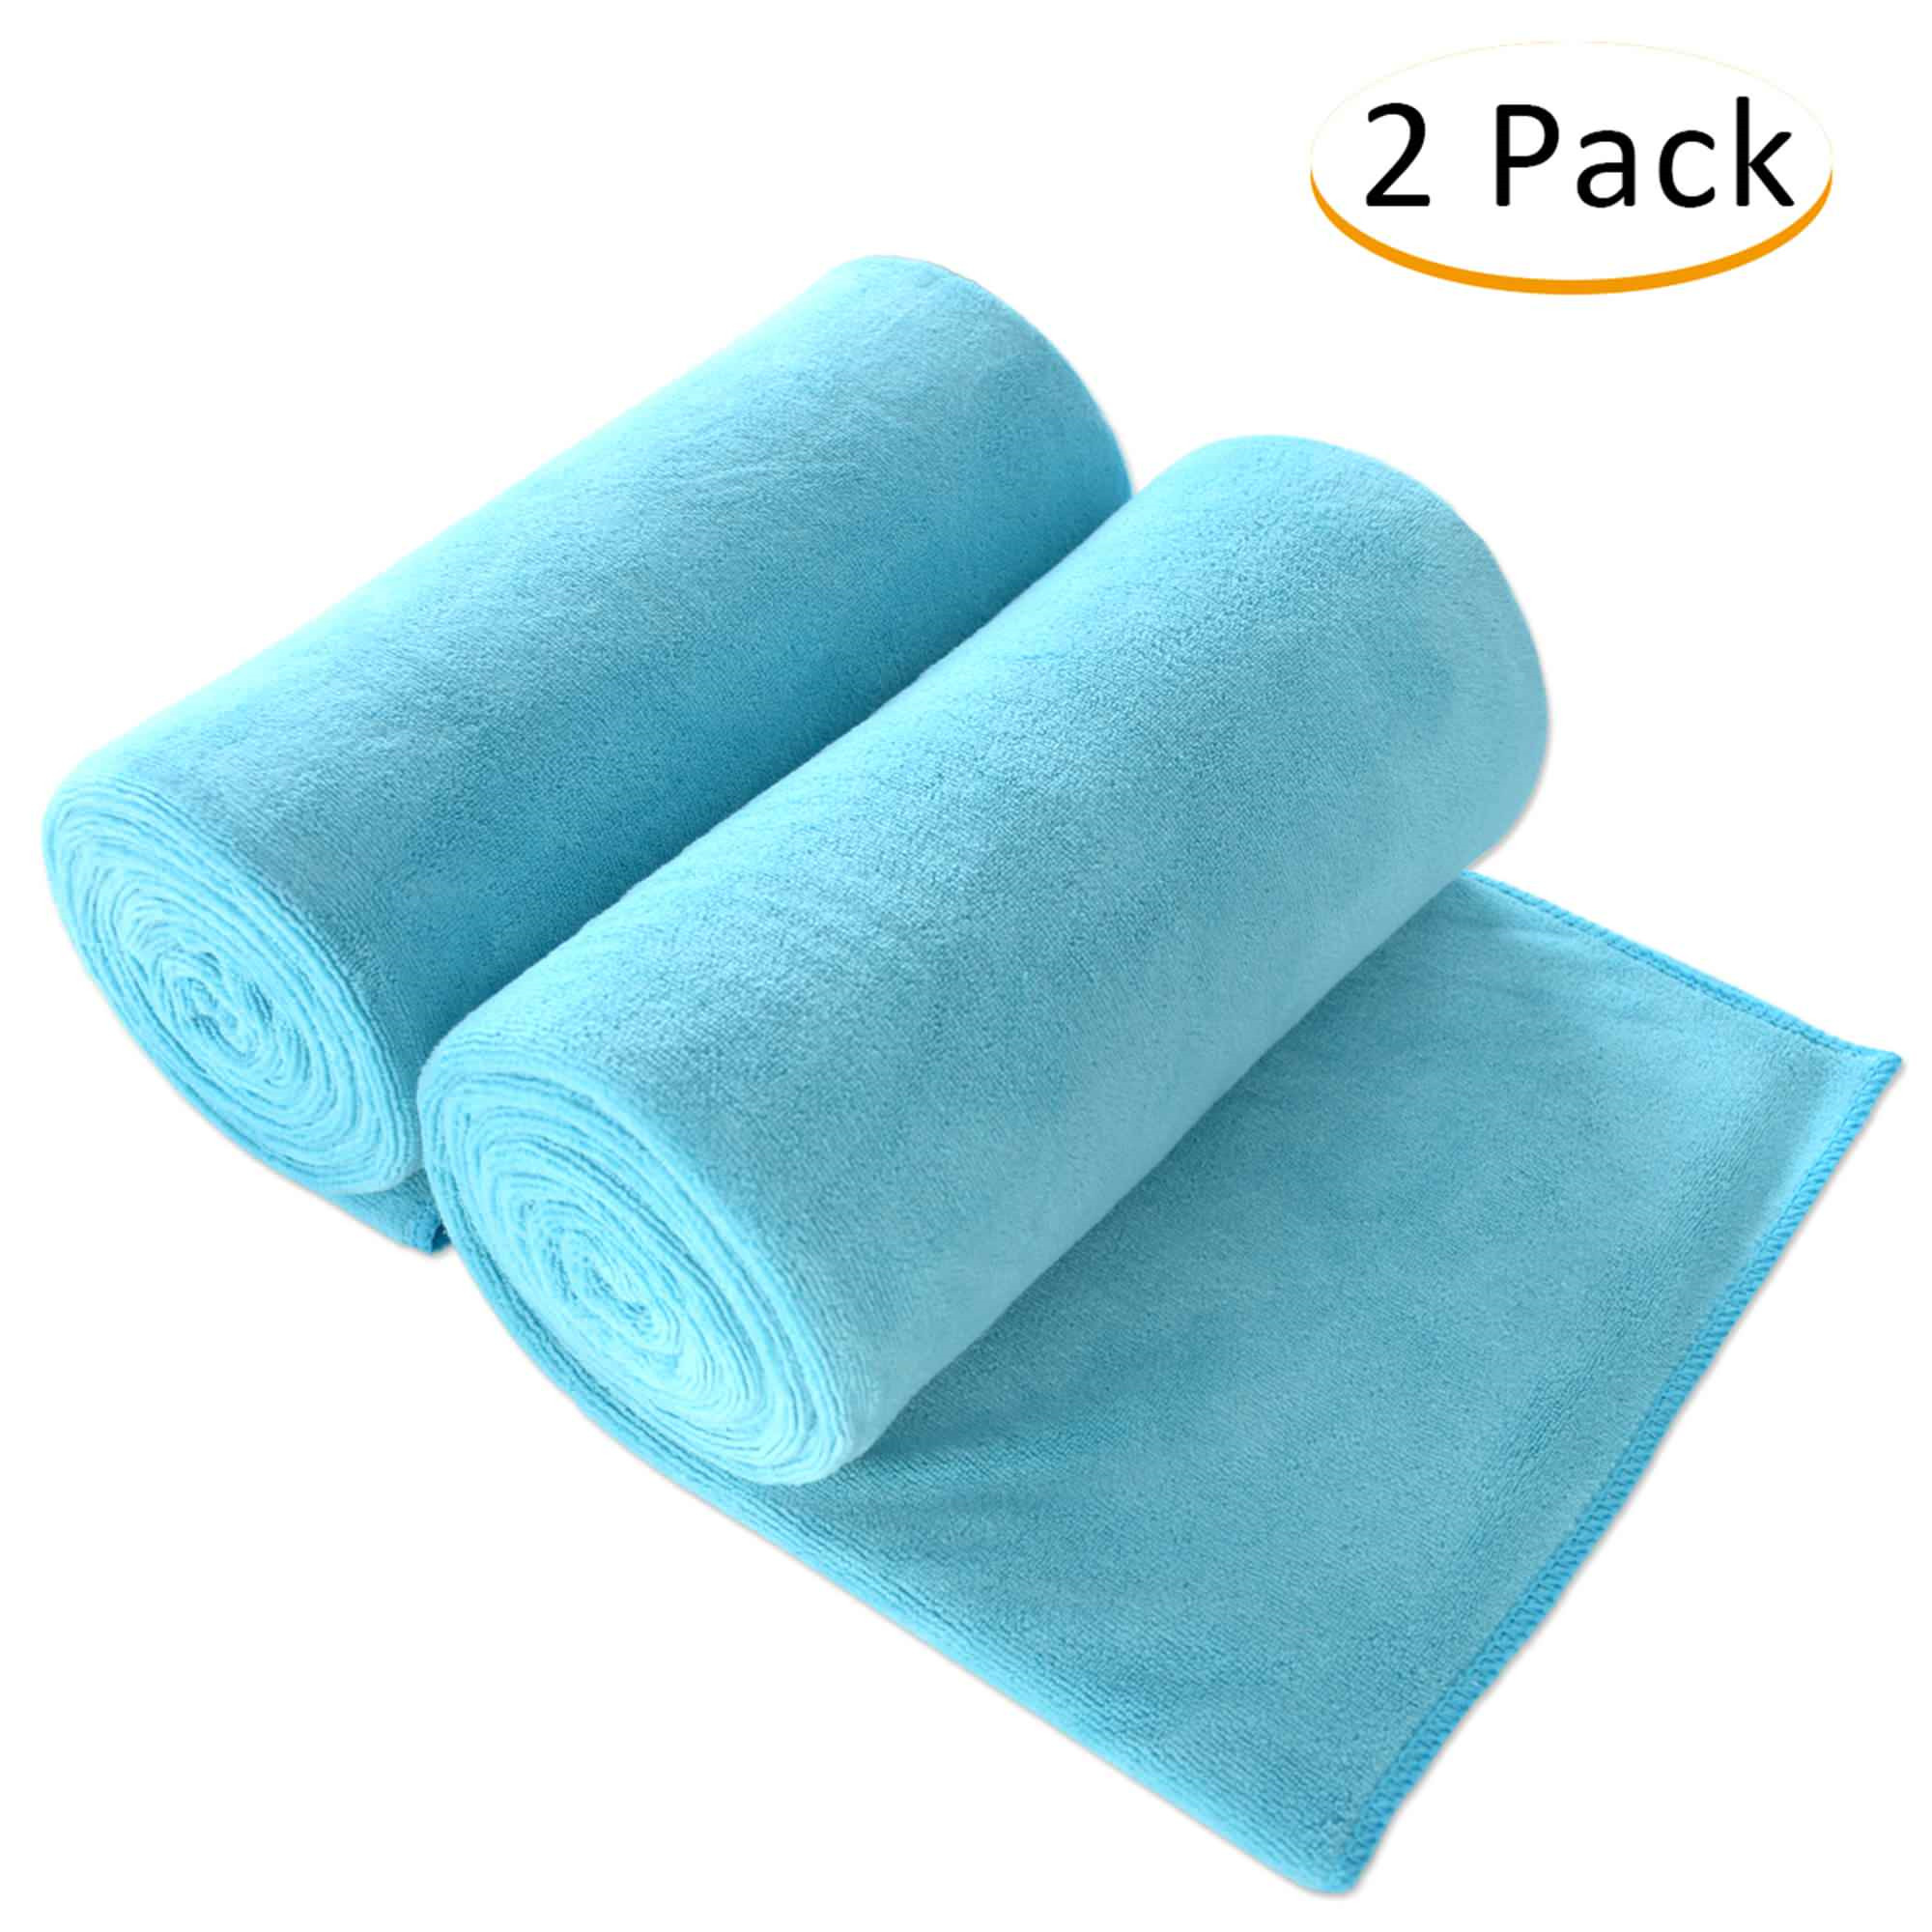 """JML Bath Towel 100% Microfiber 2 Pack Towel Sets (30"""" x 60"""") - Extra Absorbent, Fast Drying,Solid Color - Walmart.com"""